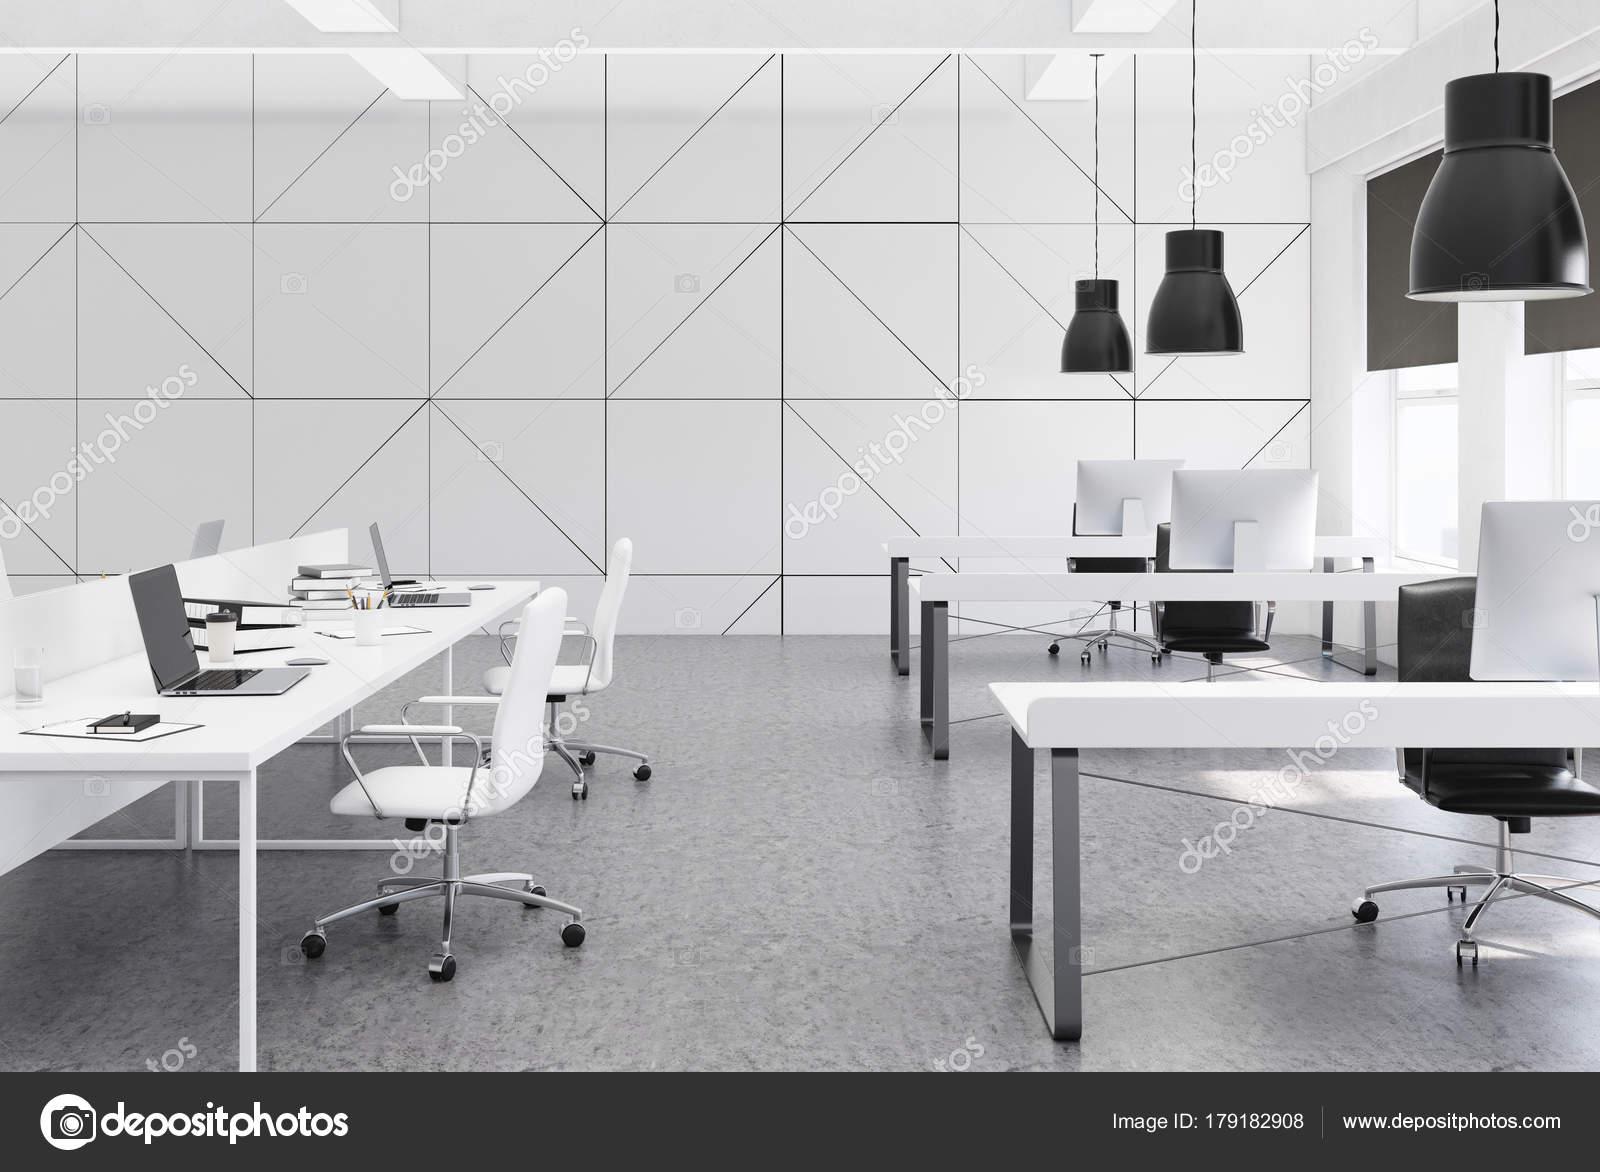 Blanc bureau espace ouvert plancher de béton u photographie